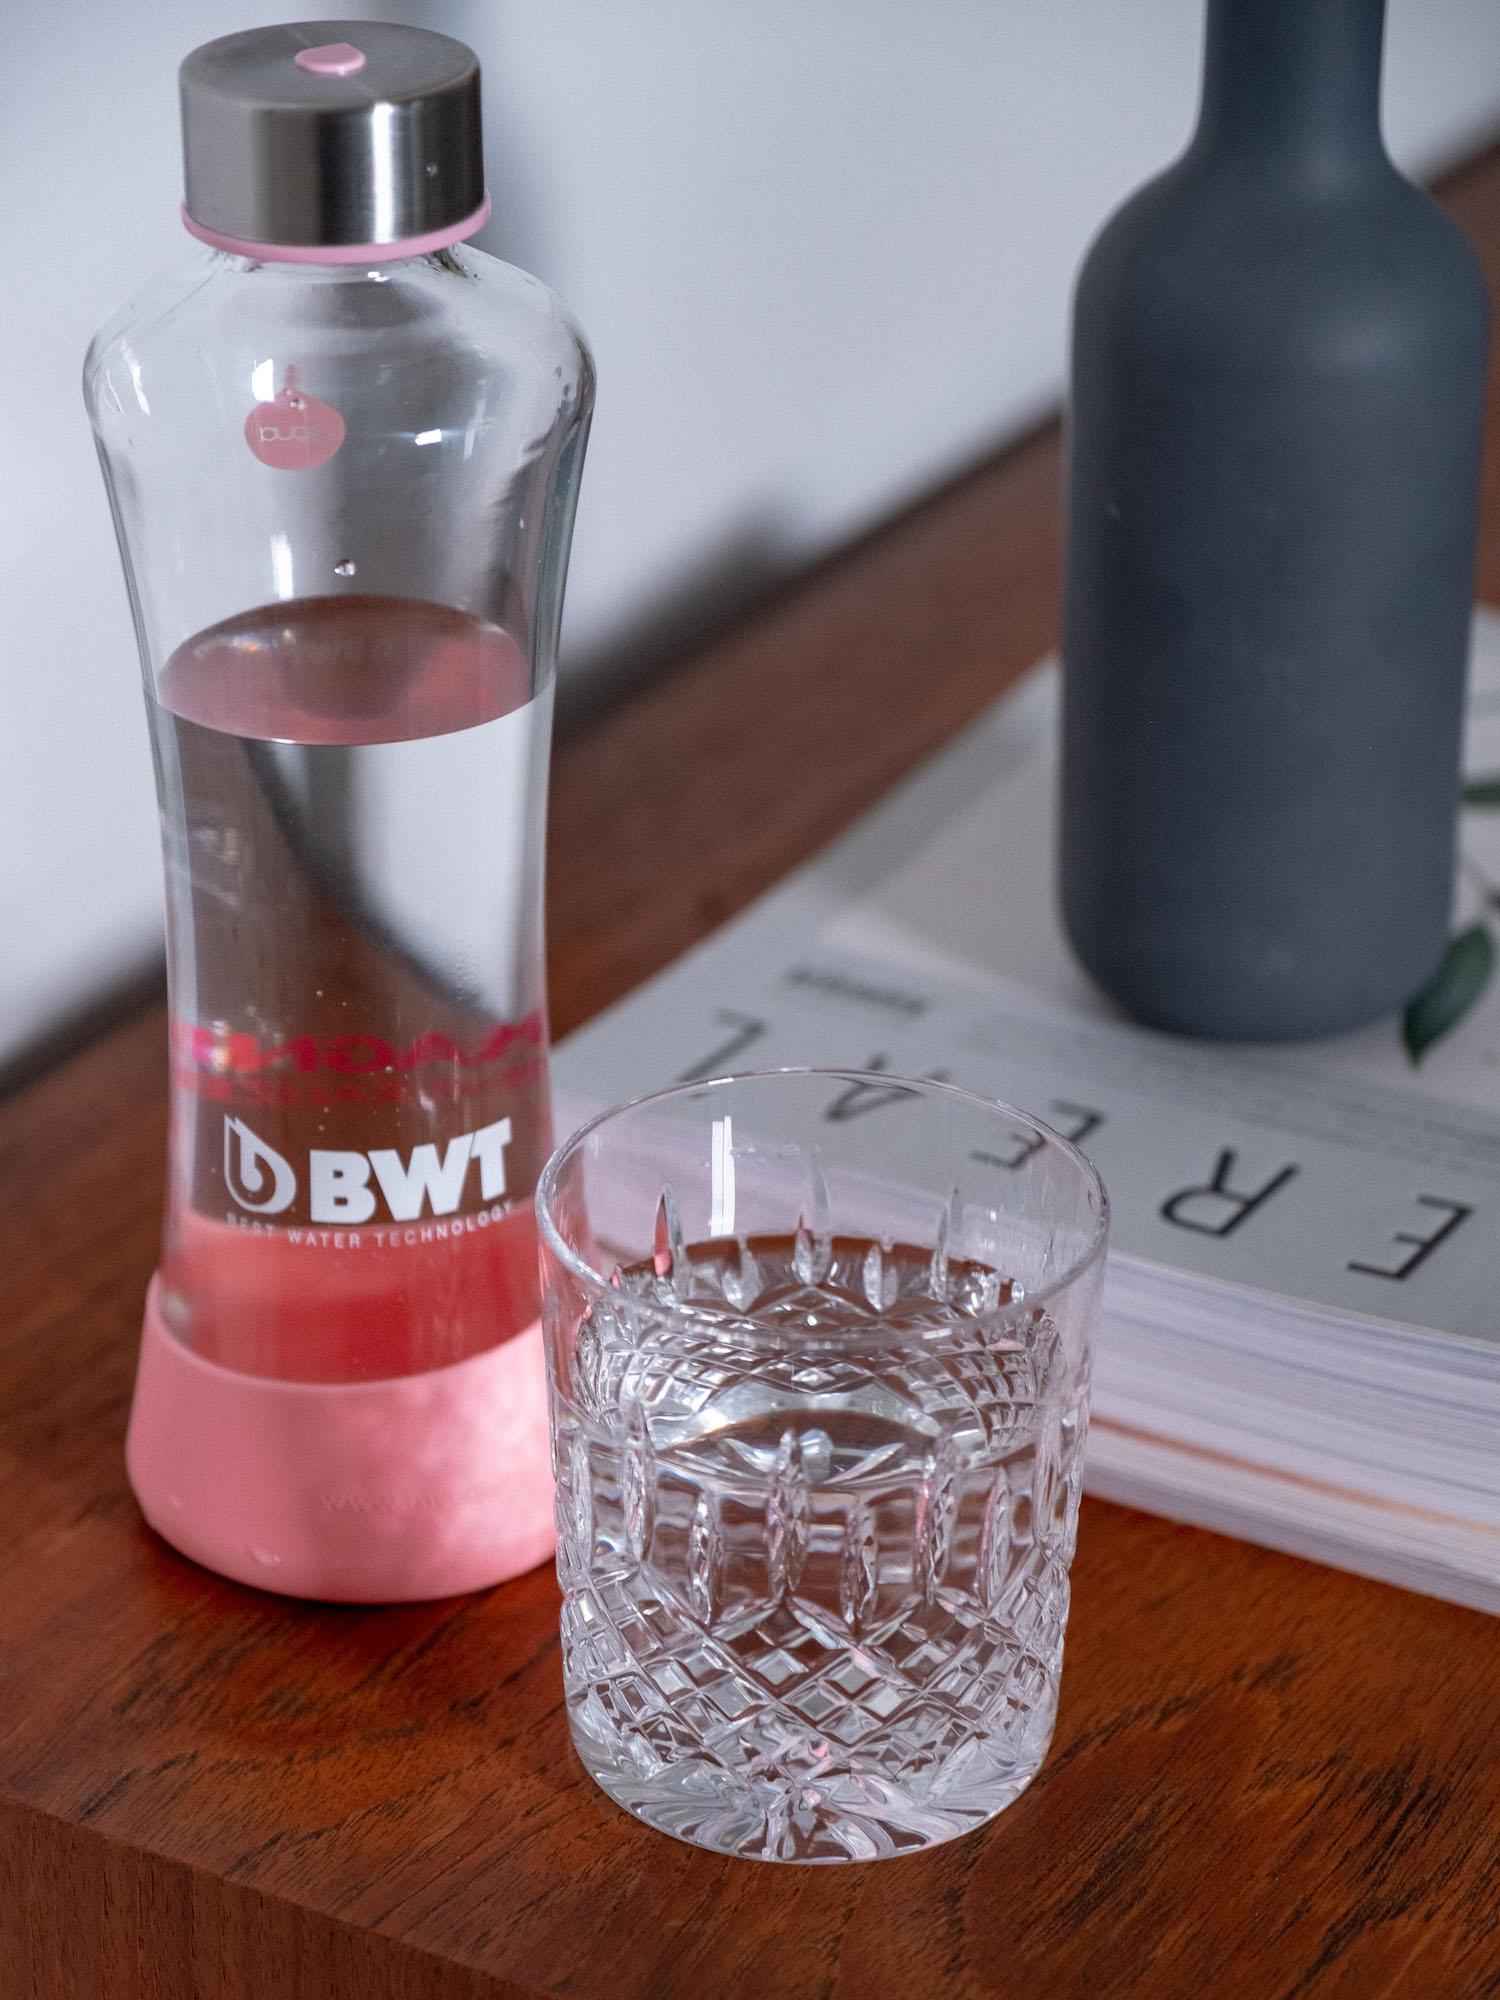 Bare Minds Beauty Adventskalender BWT gutes Wasser